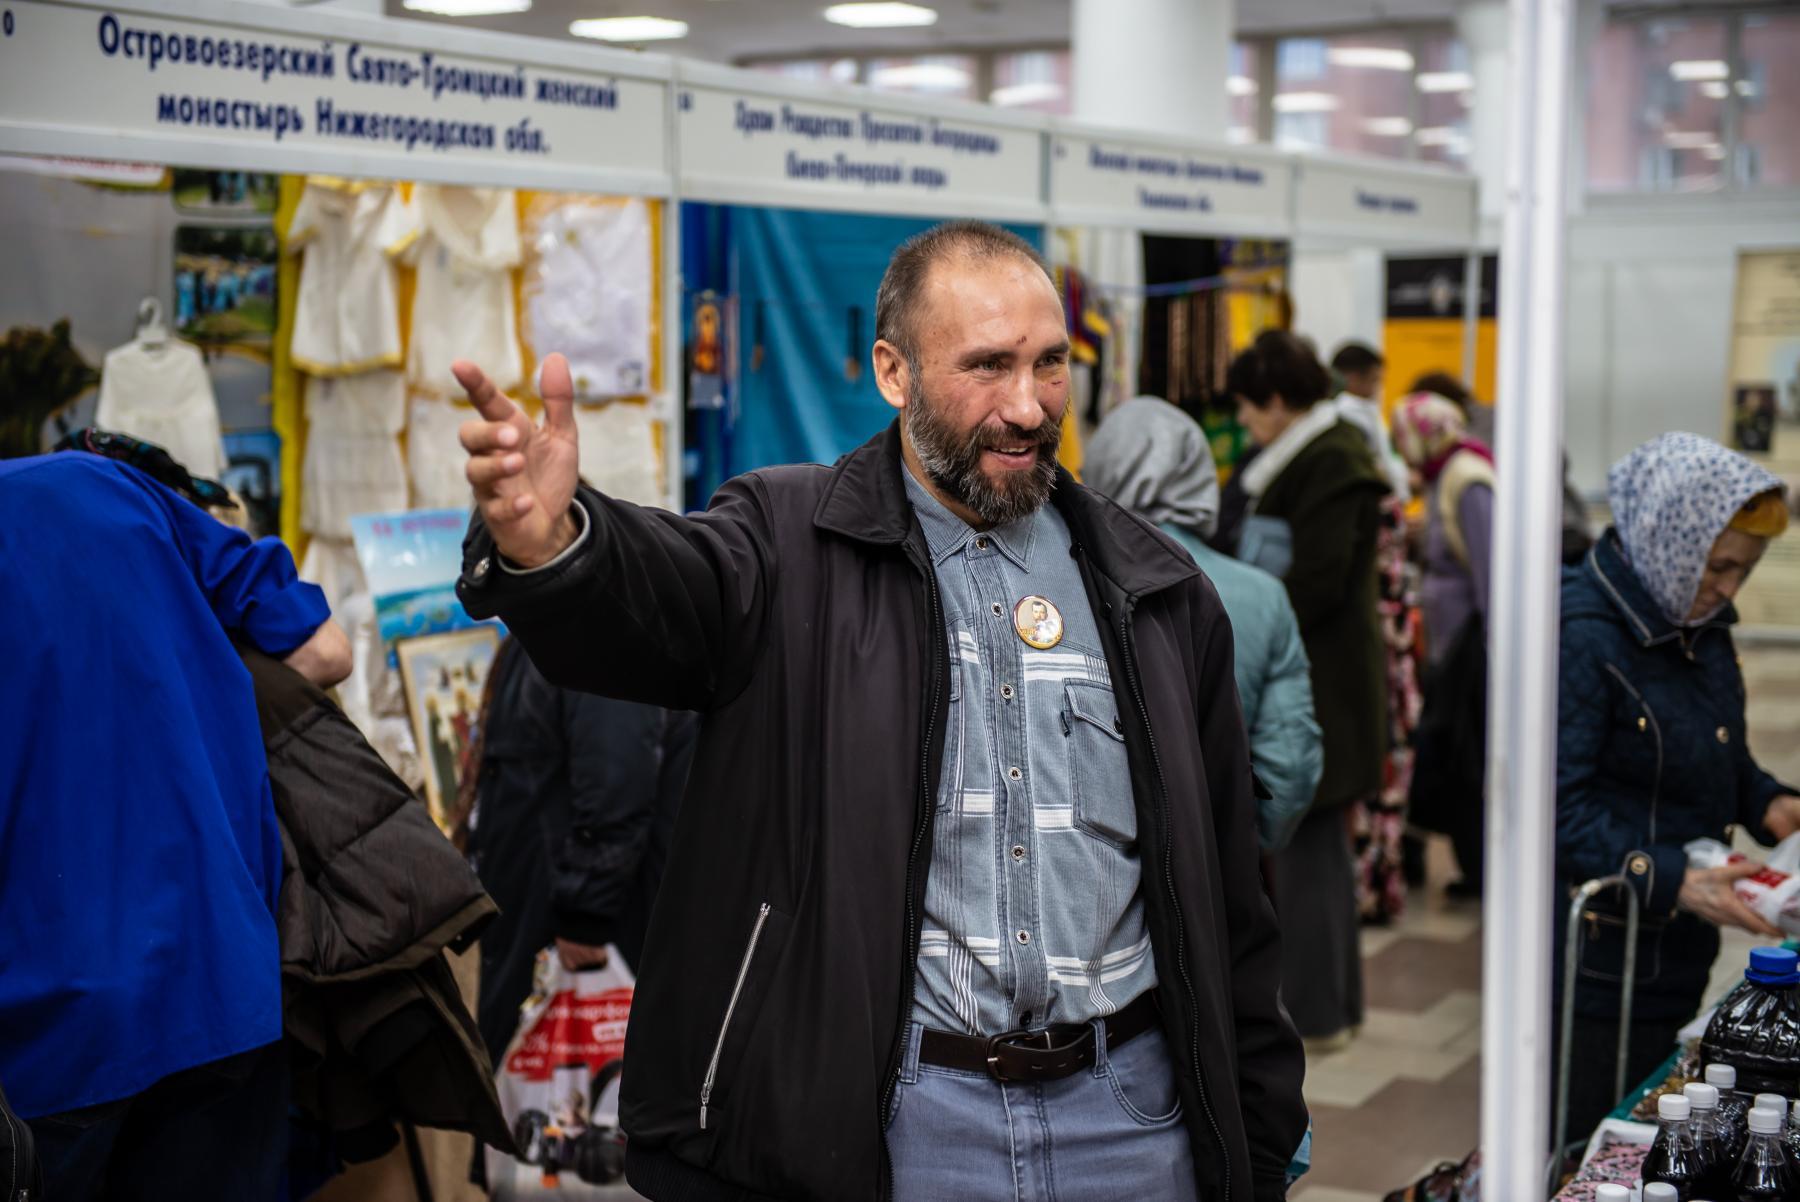 Фото «Этот Псалтырь – просто бестселлер!»: как новосибирцев зазывают на православную ярмарку 8